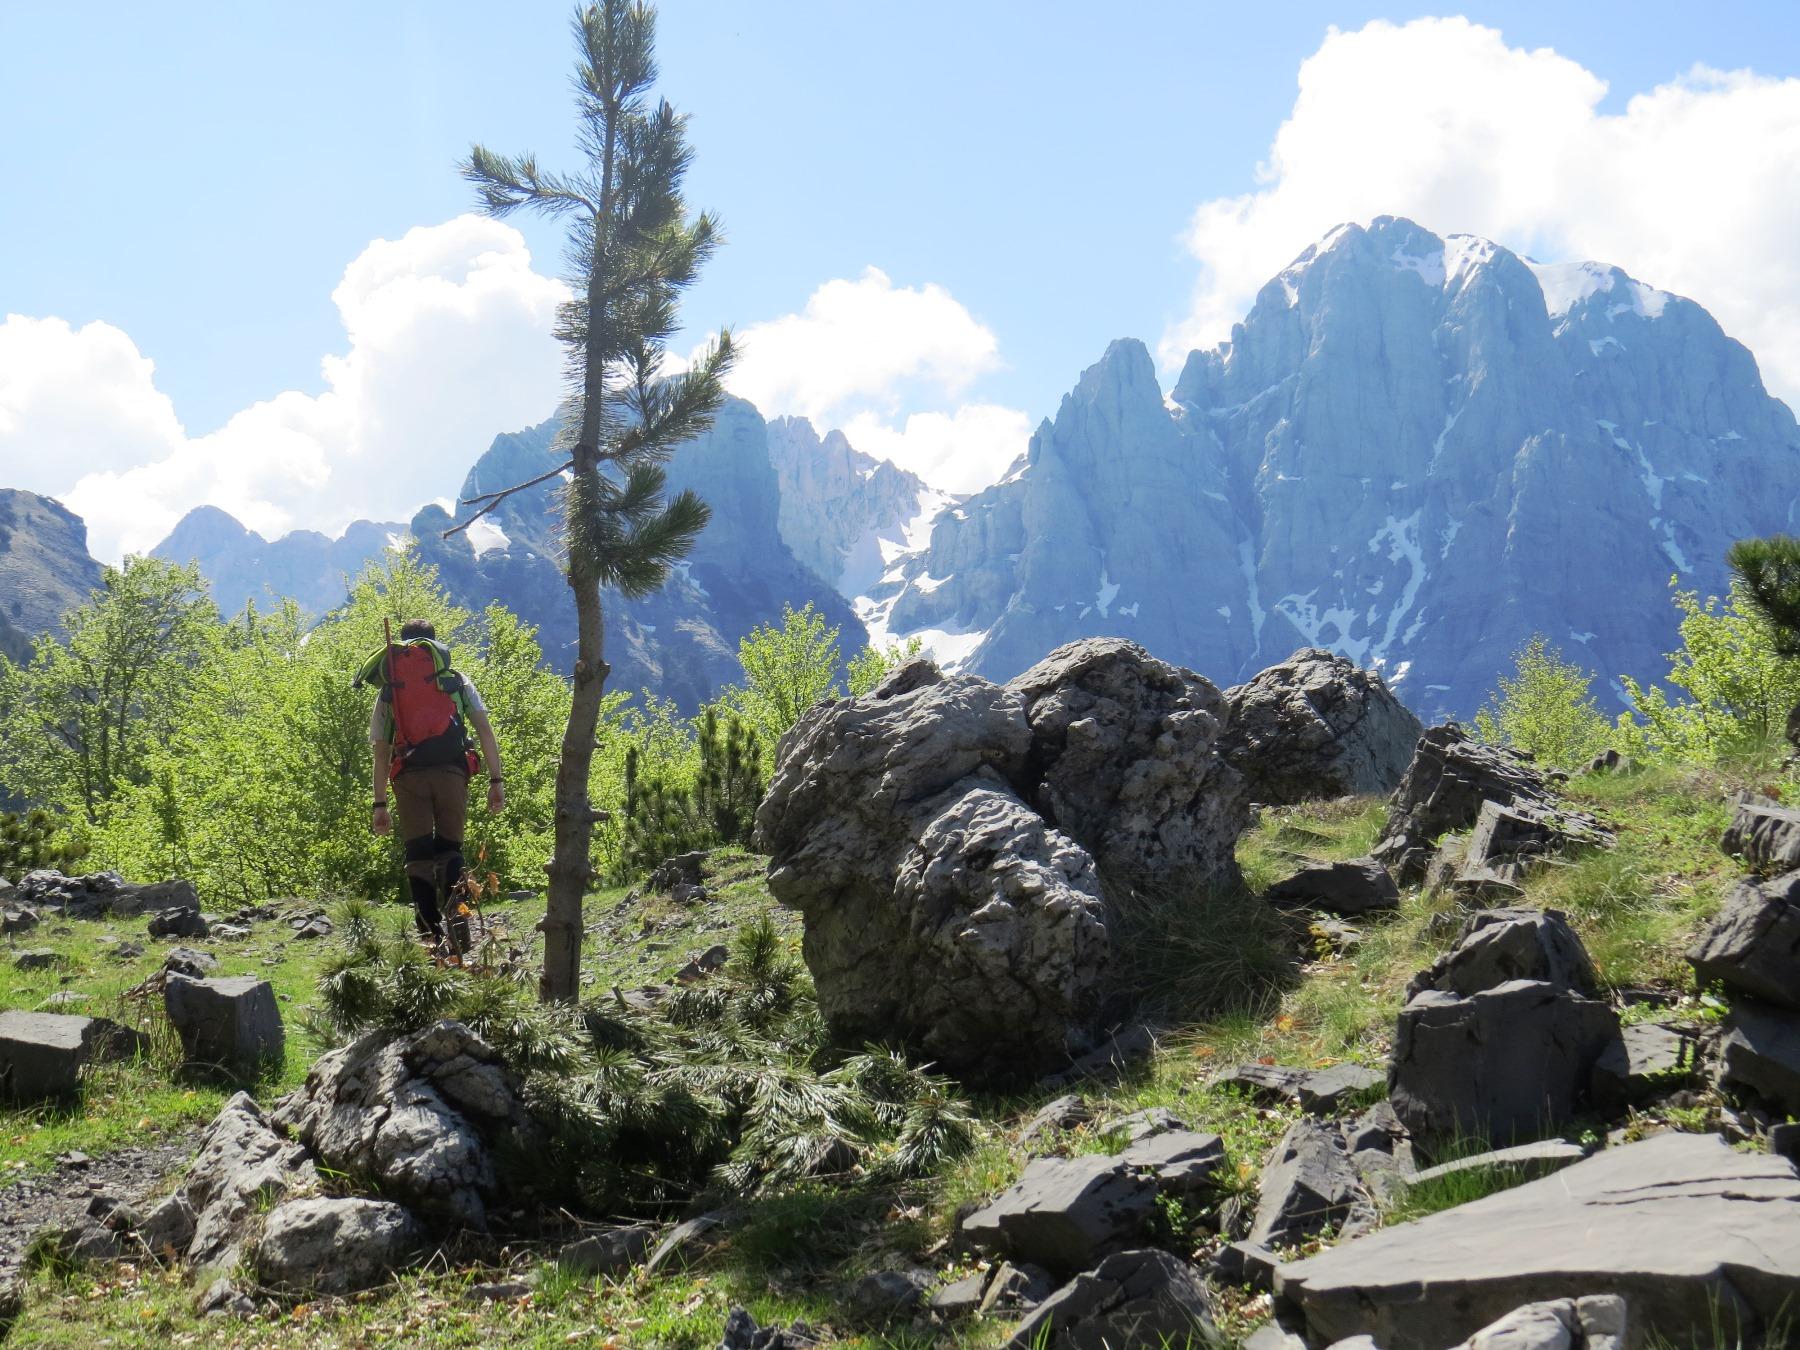 鋸の歯のような峰が連なるアルバニア・アルプス